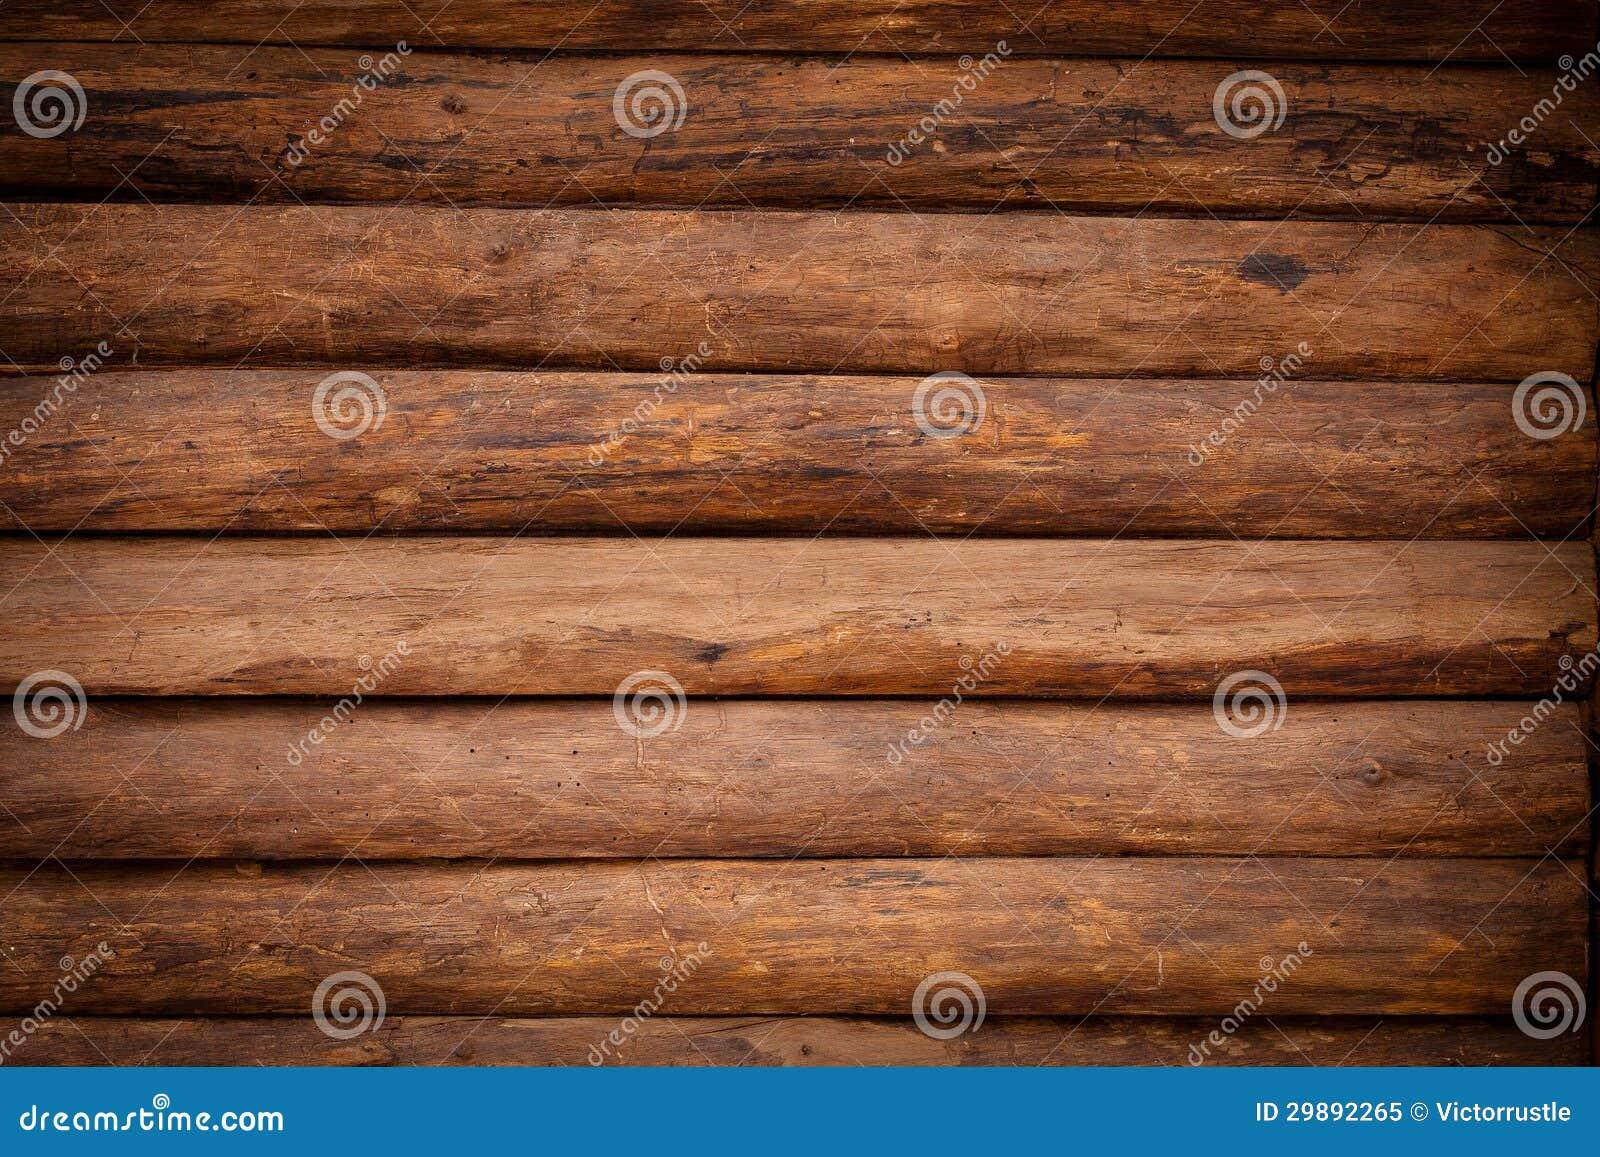 texture en bois photo libre de droits image 29892265. Black Bedroom Furniture Sets. Home Design Ideas